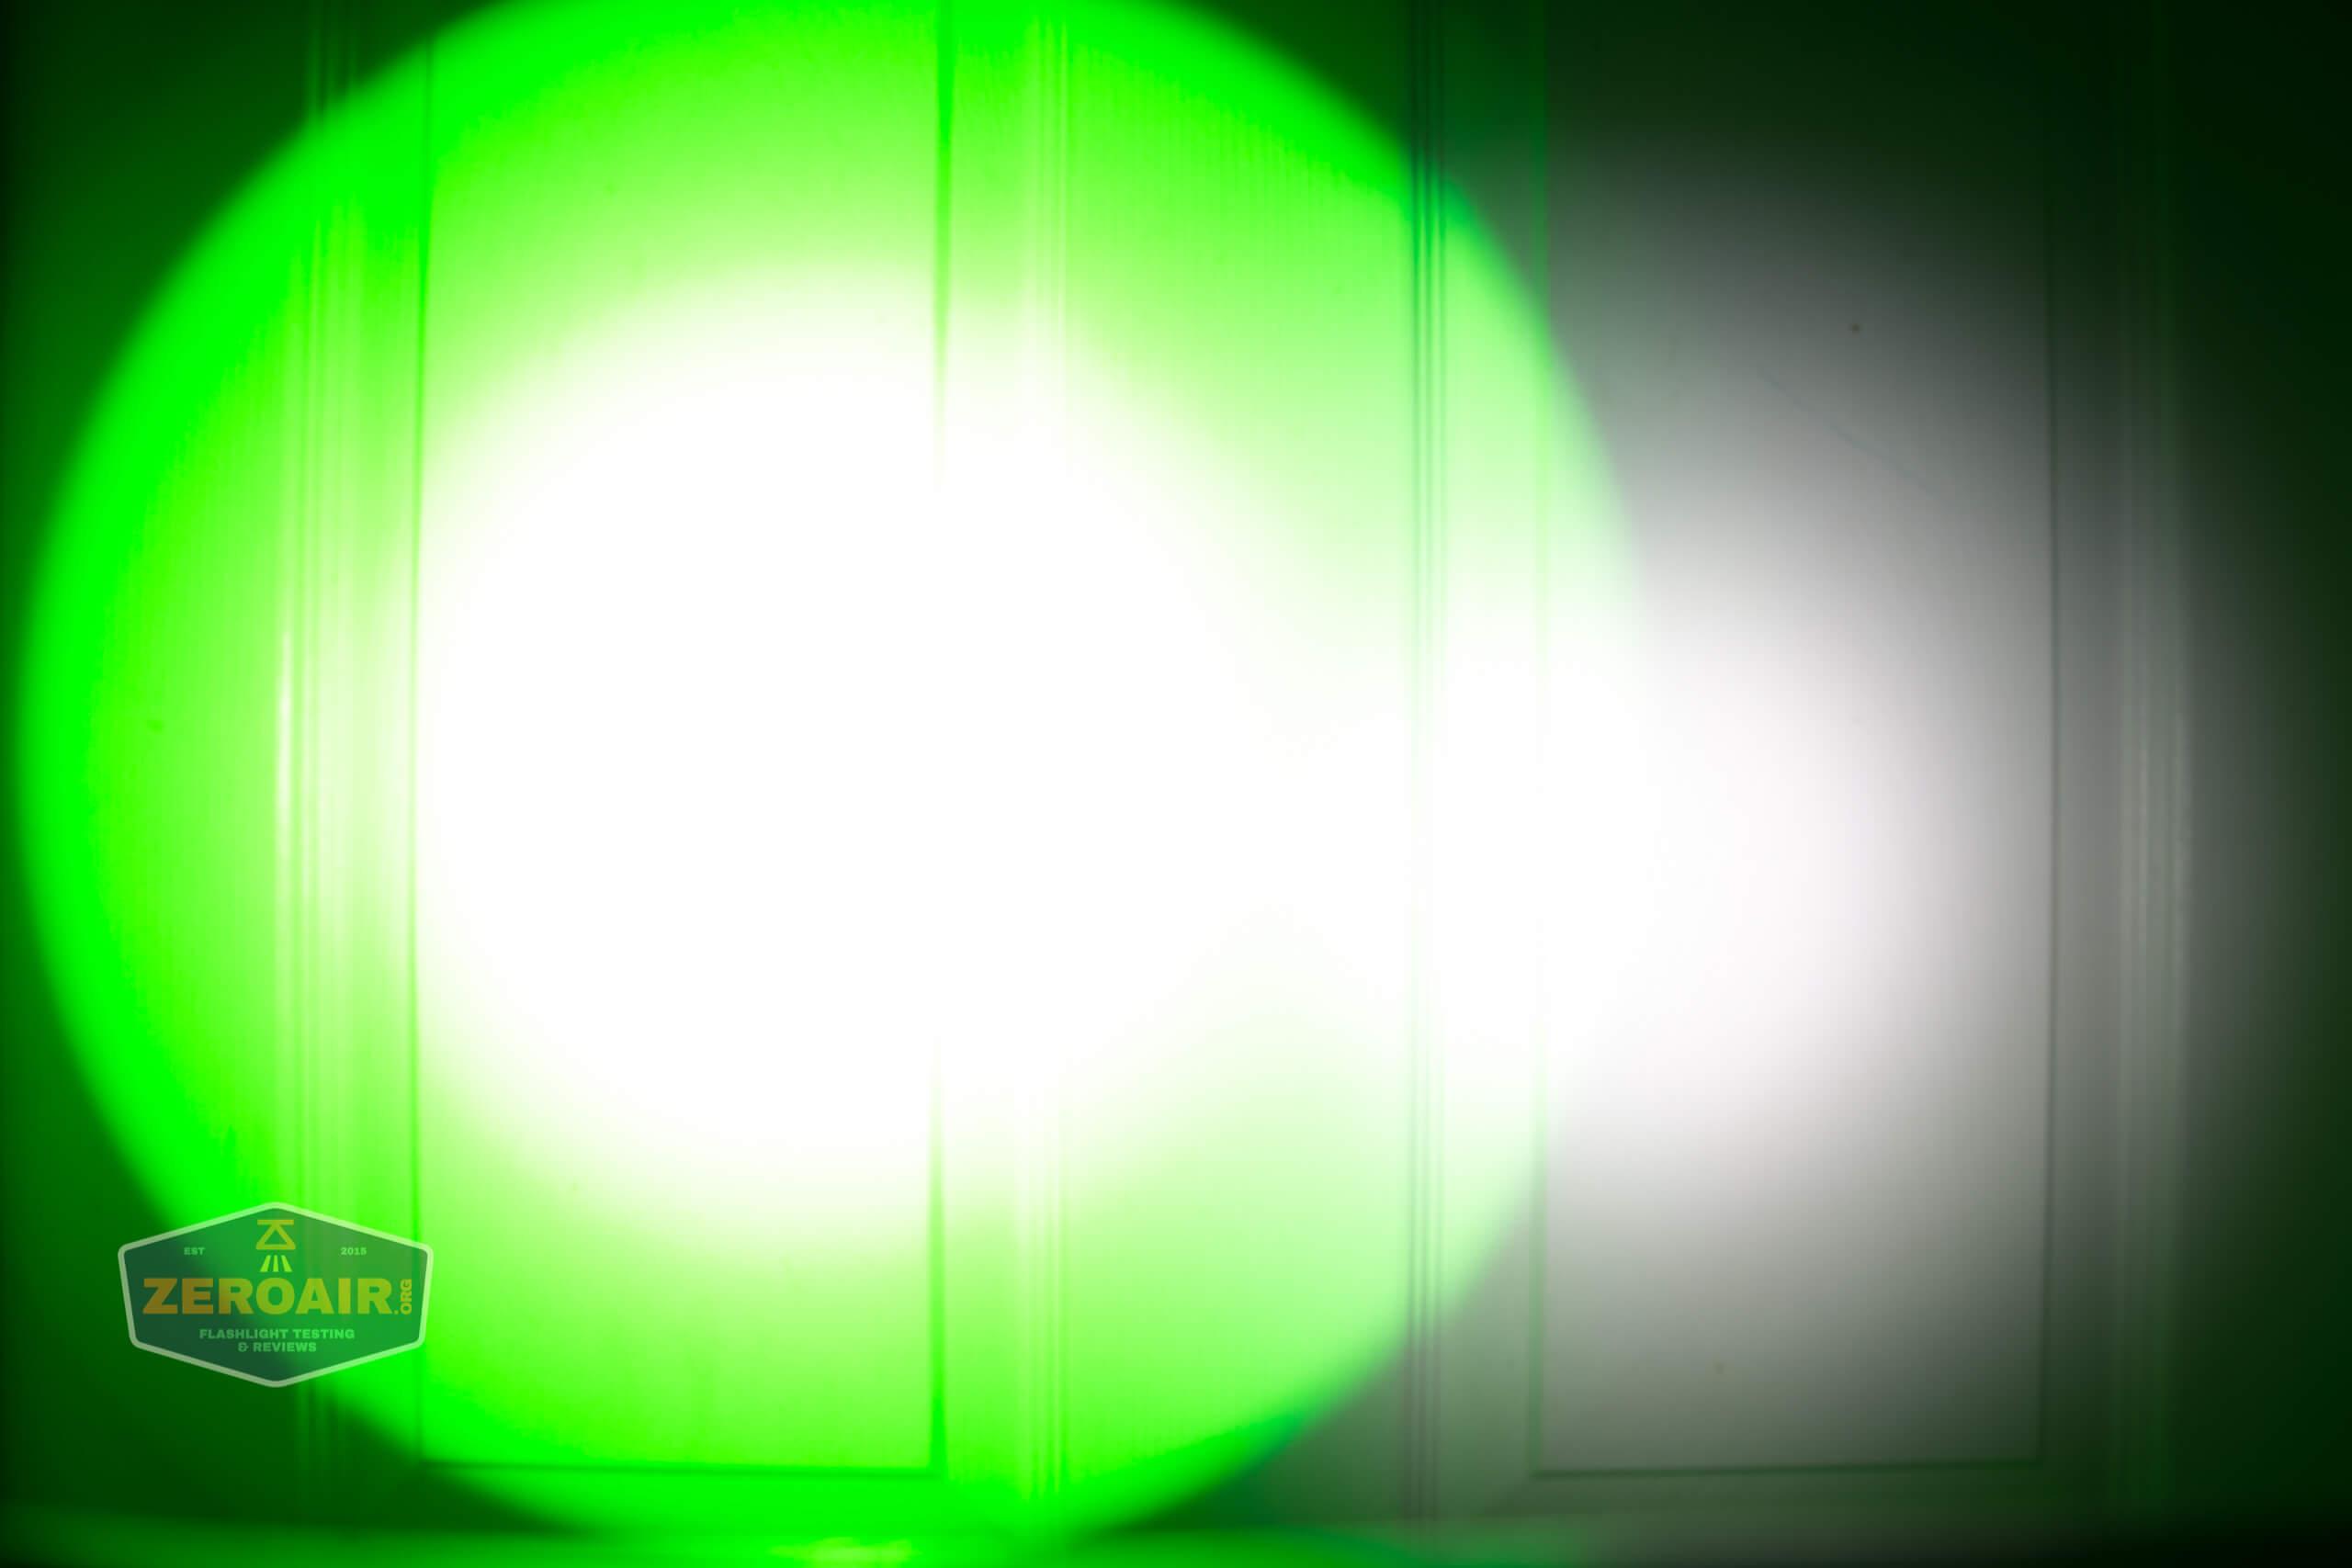 cyansky h5 green beamshot door 4